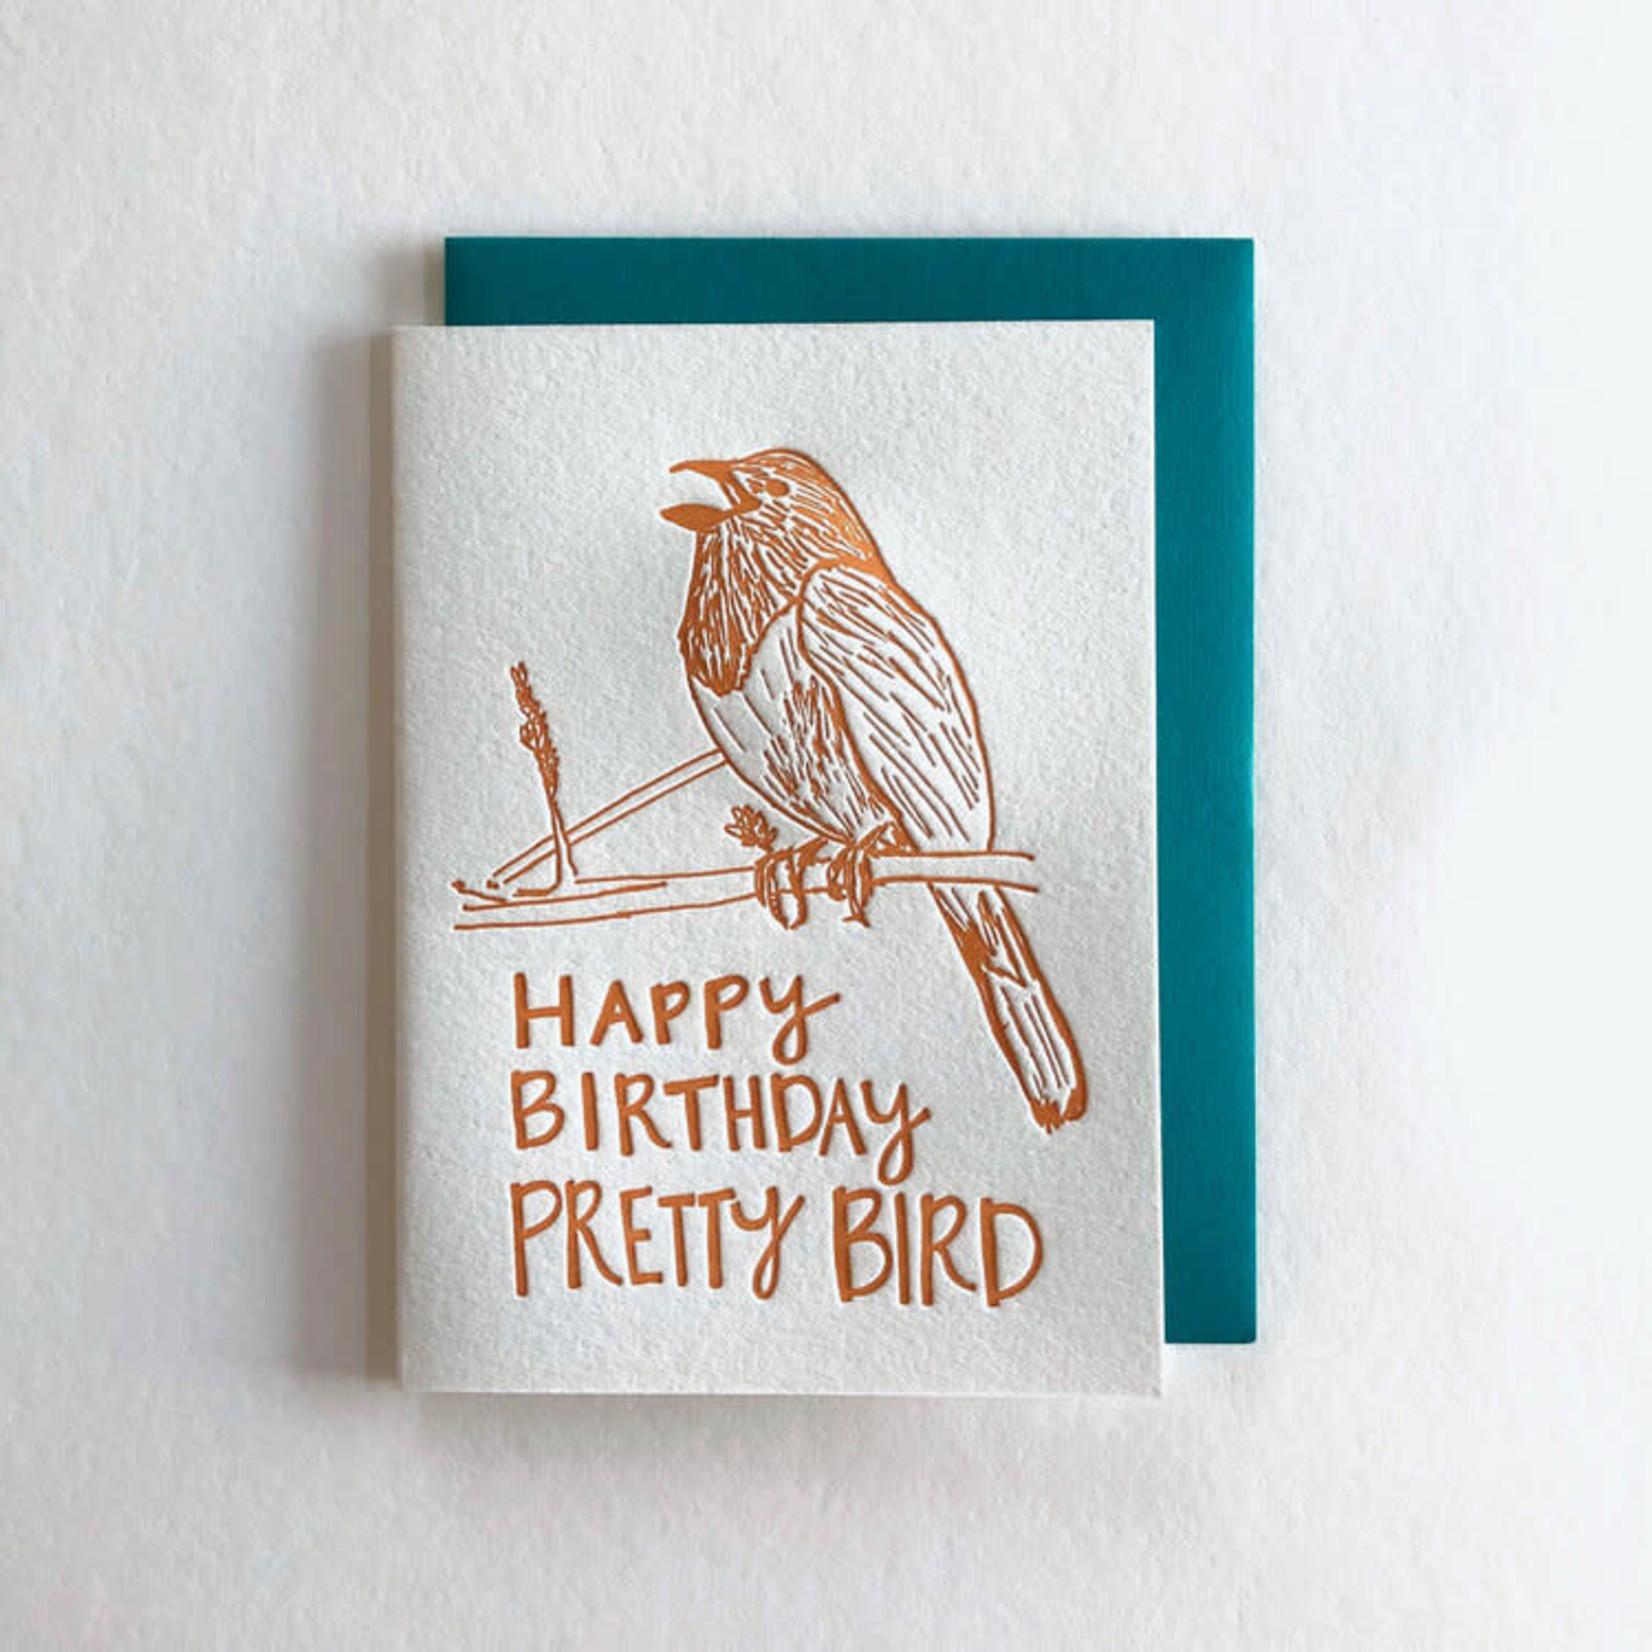 Macon York Press Pretty Bird Birthday Card